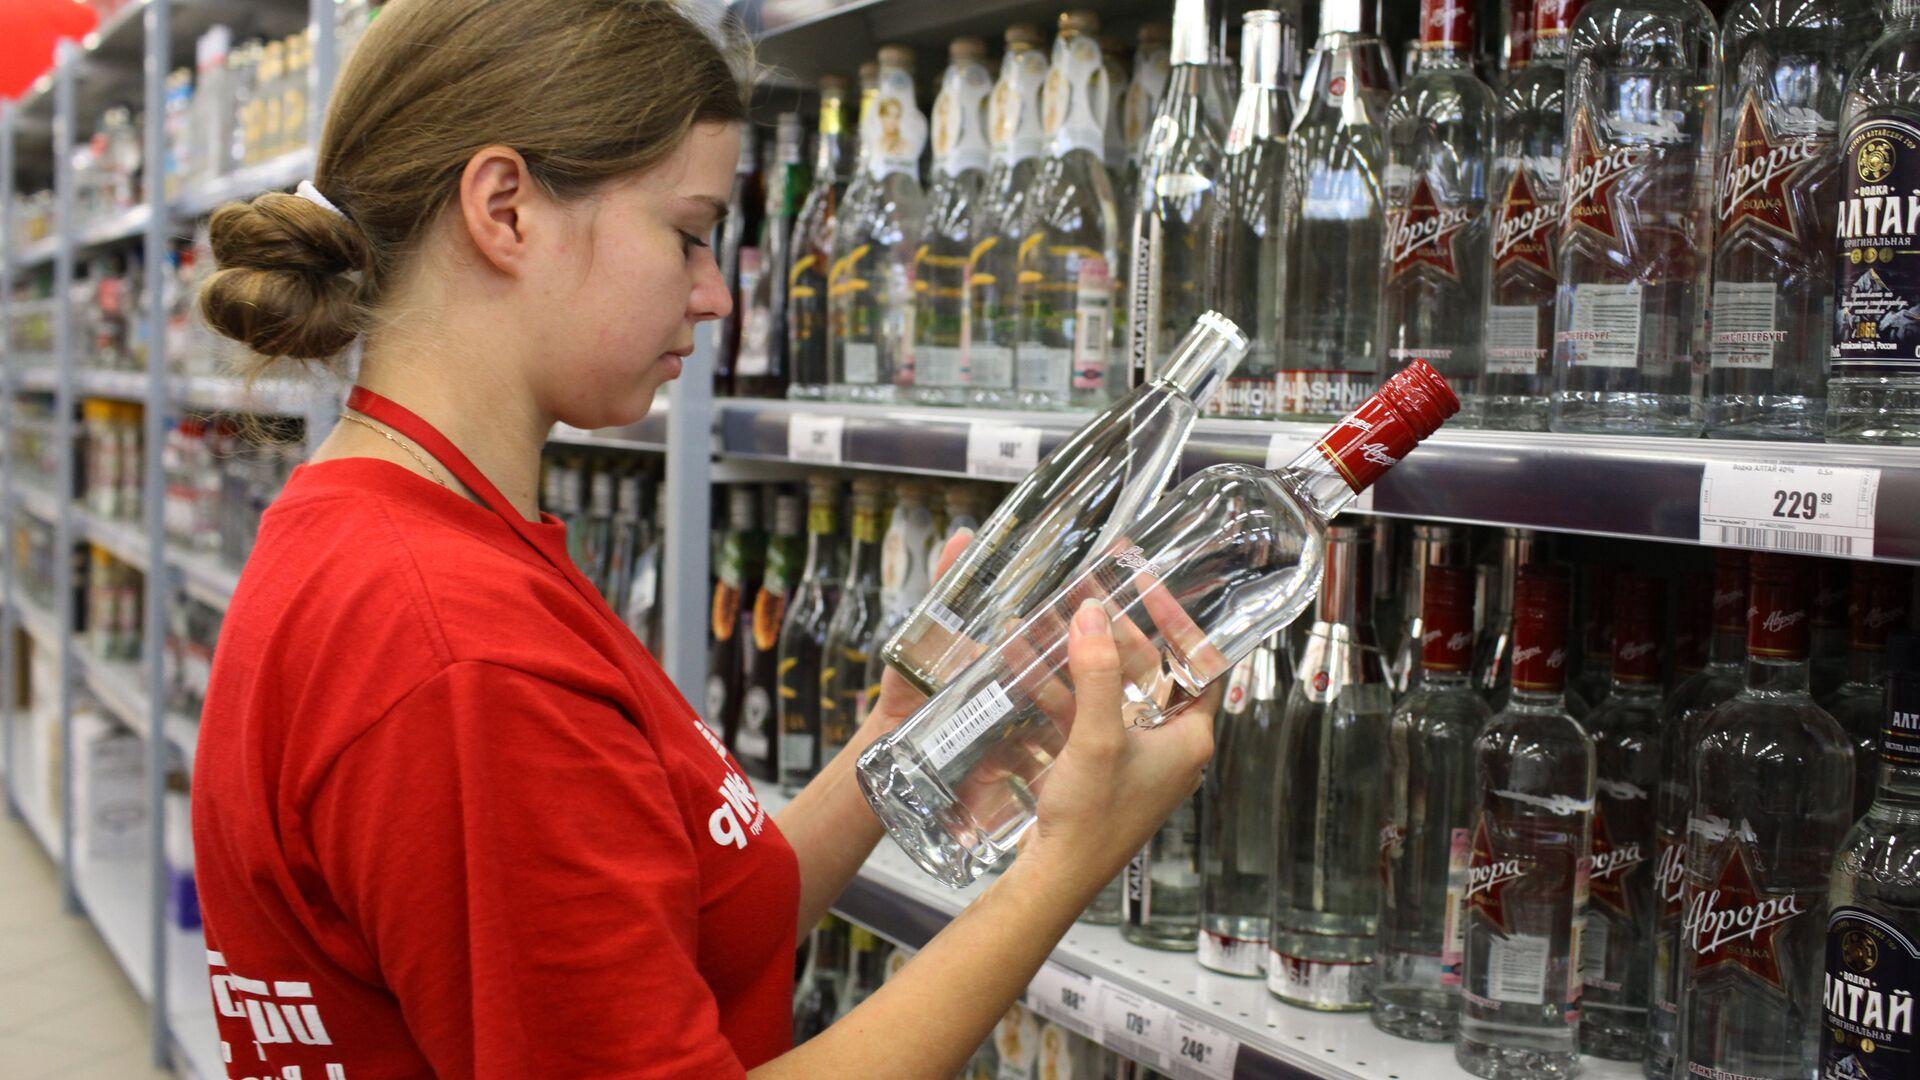 Сотрудница супермаркета в алкогольном отделе - РИА Новости, 1920, 15.12.2020